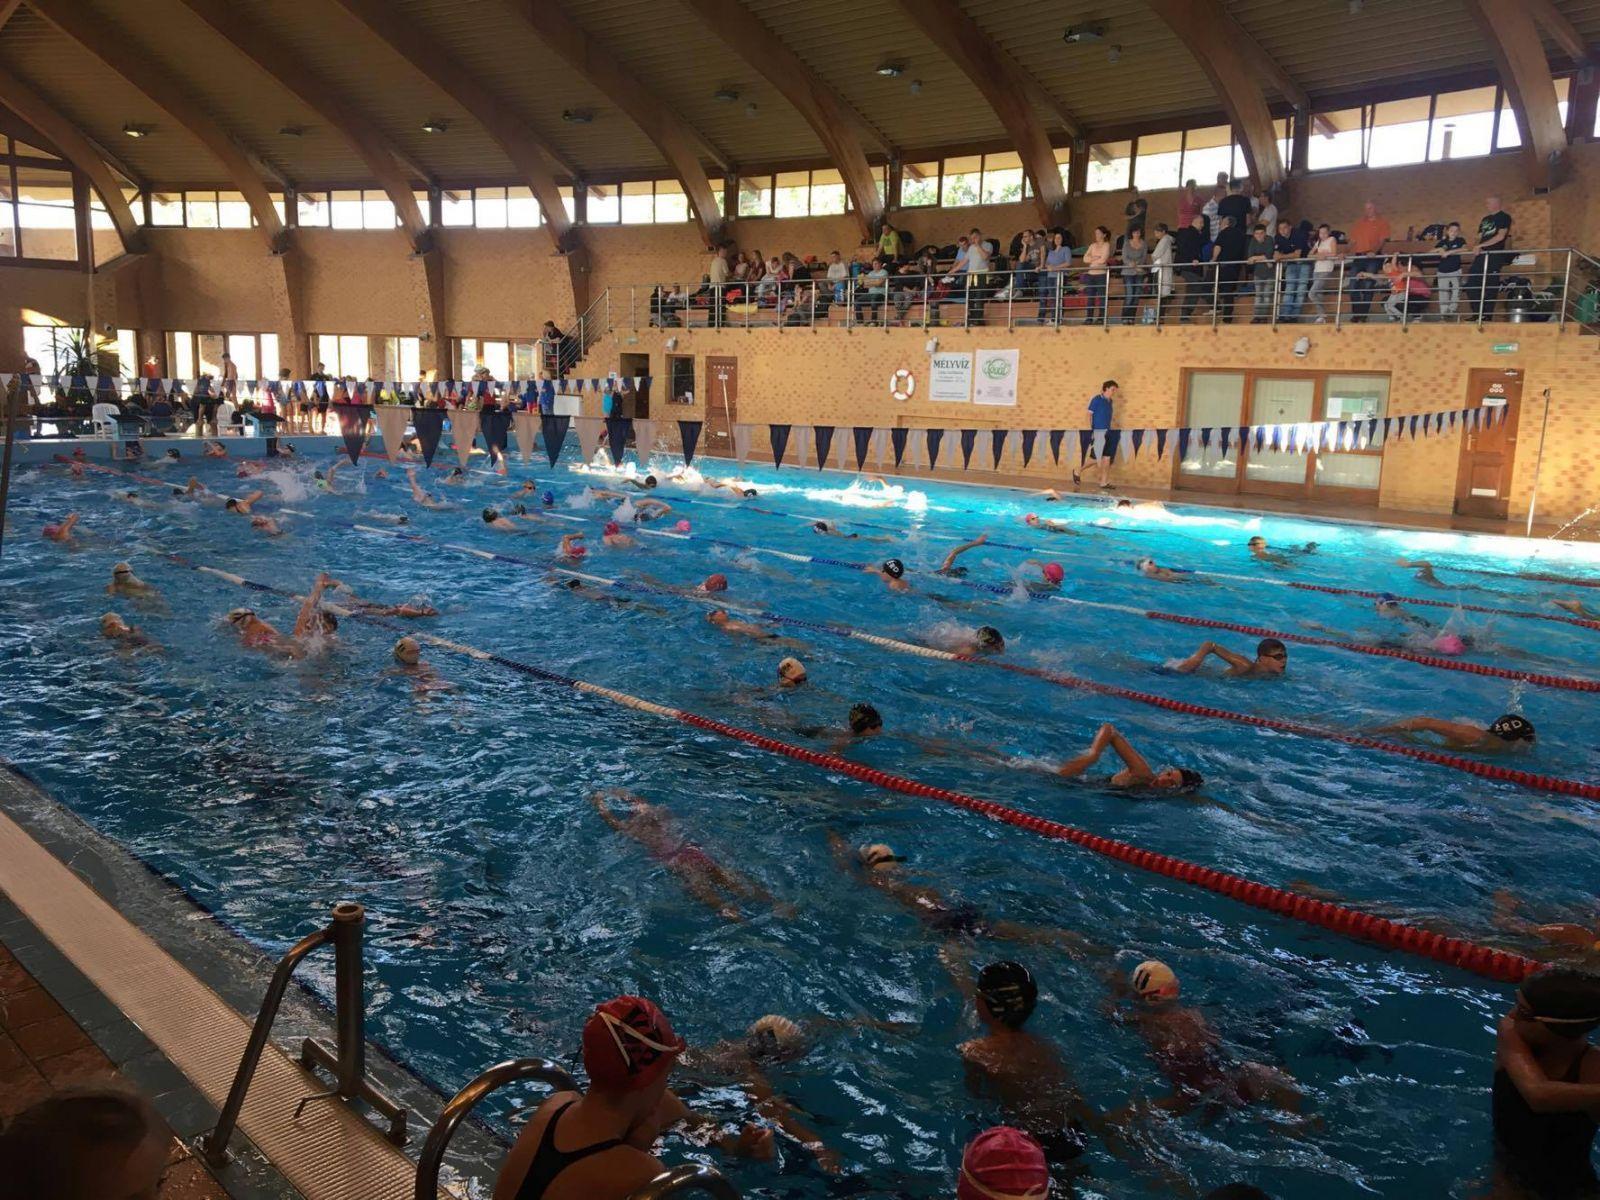 Tizenegy számban szereztek érmet hazai medencében a Monor SE úszói